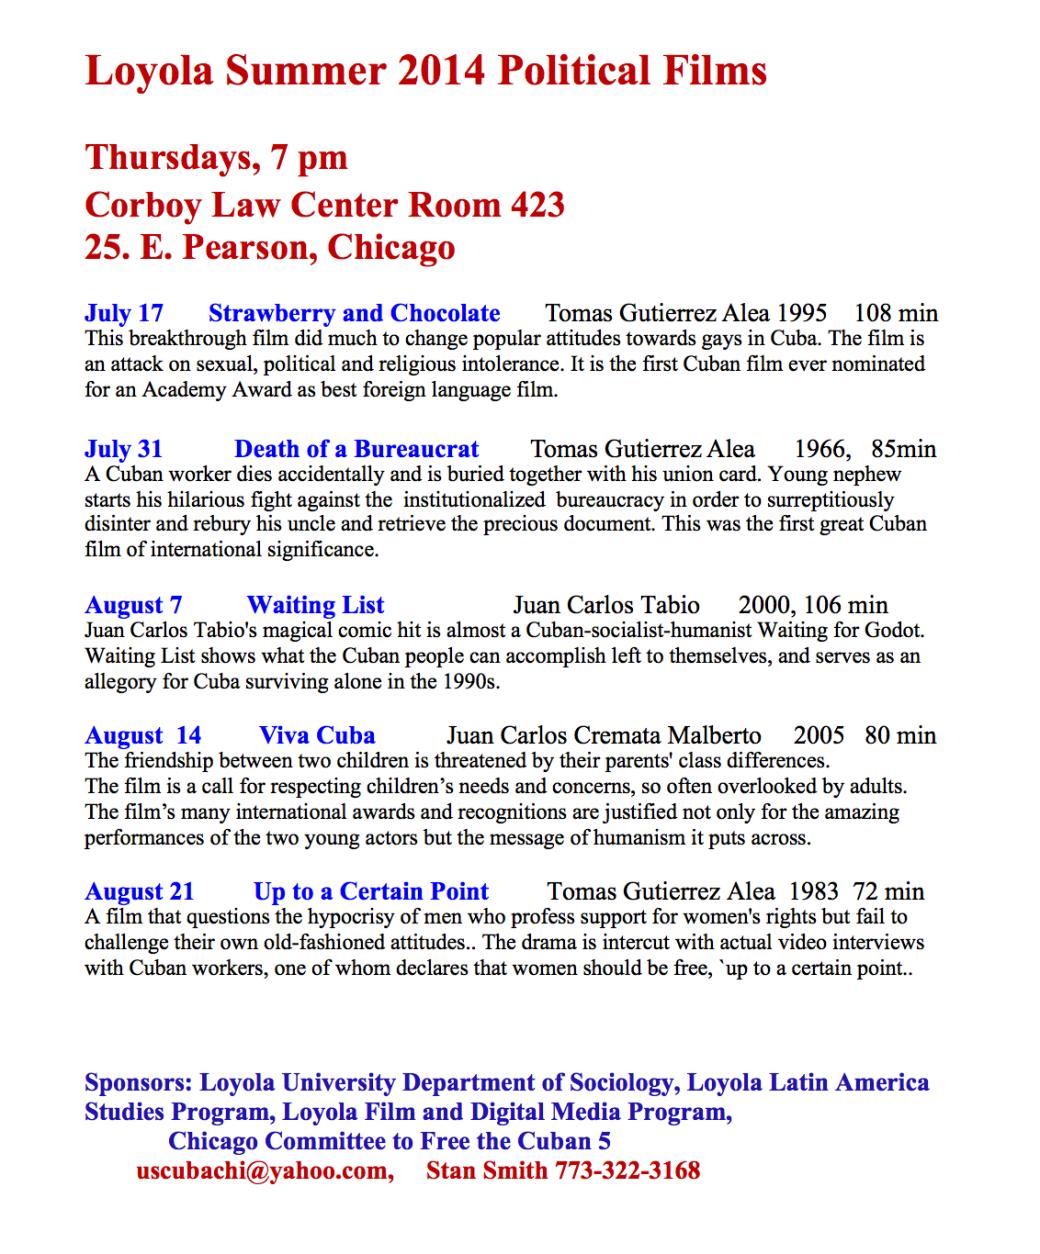 Loyola Summer 2014 Political Films.png